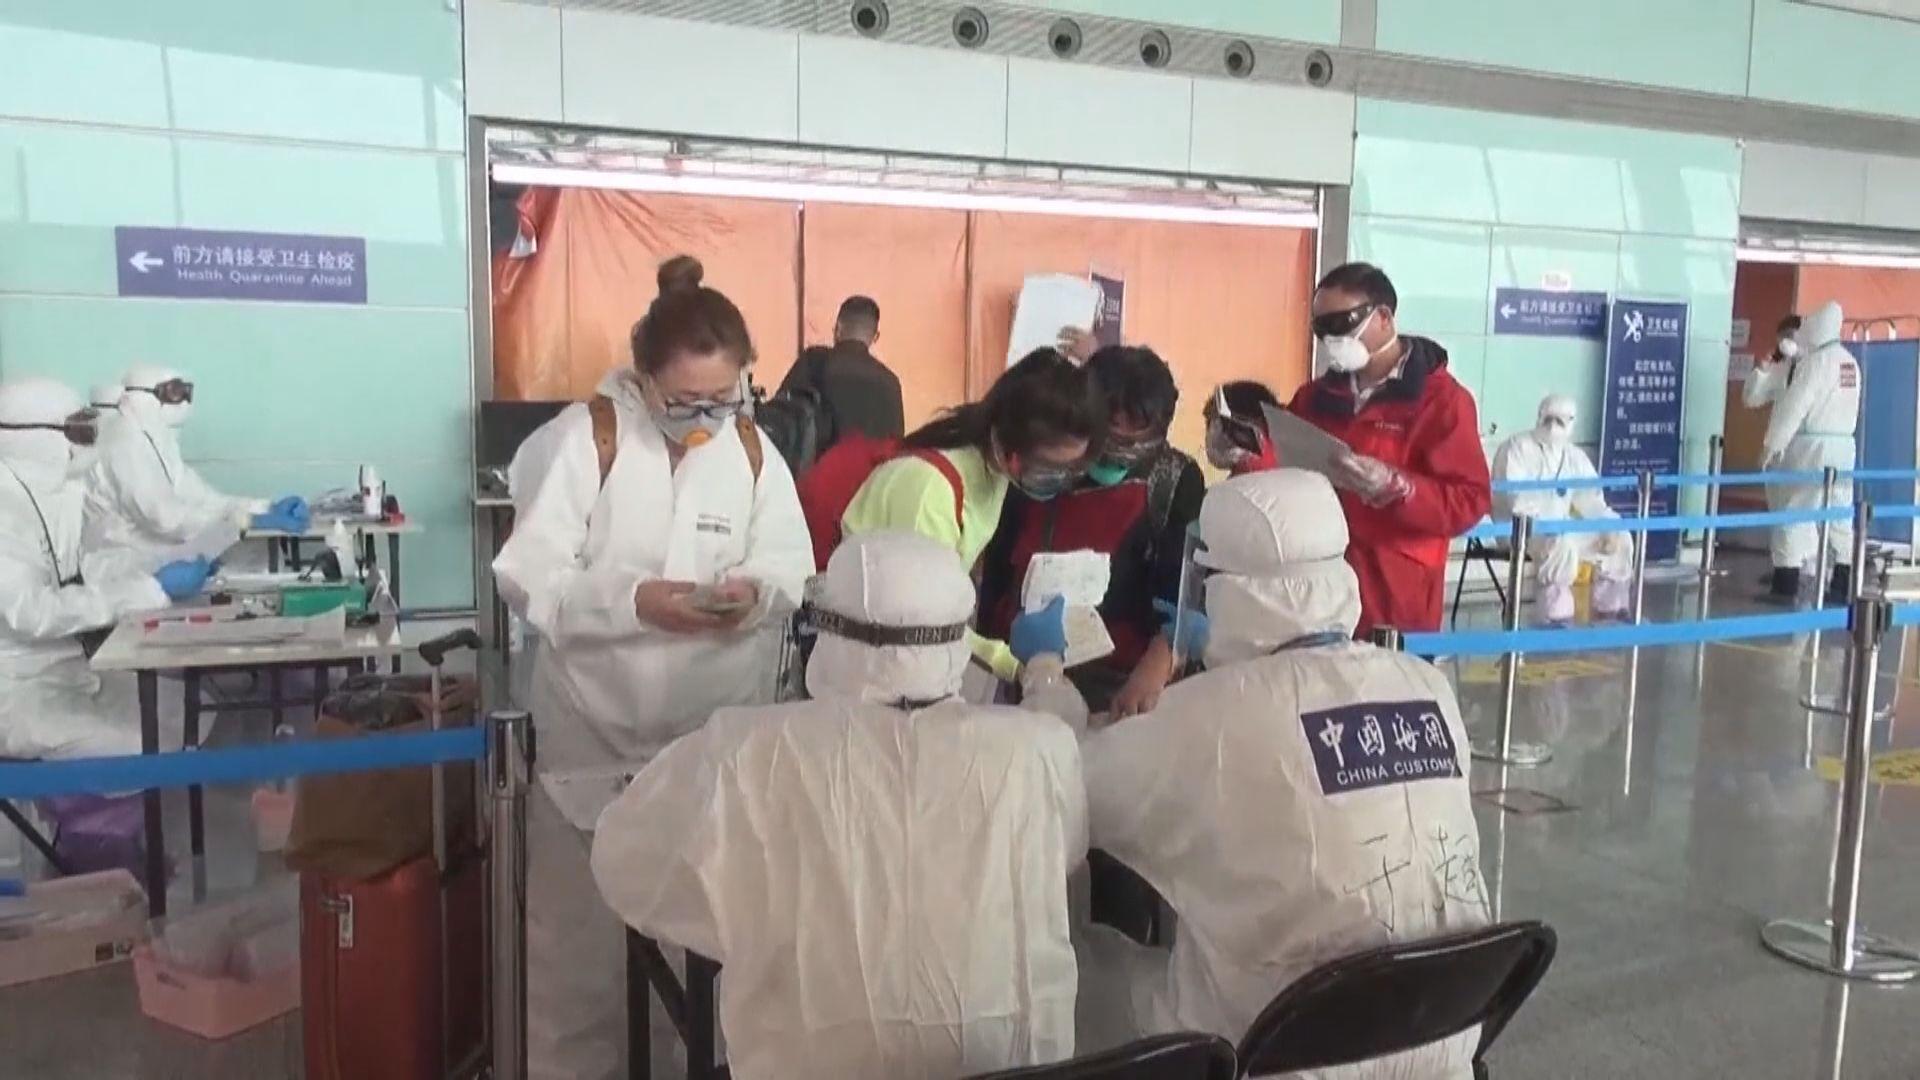 外交部駐港公署:已接種國產疫苗可享簽證便利